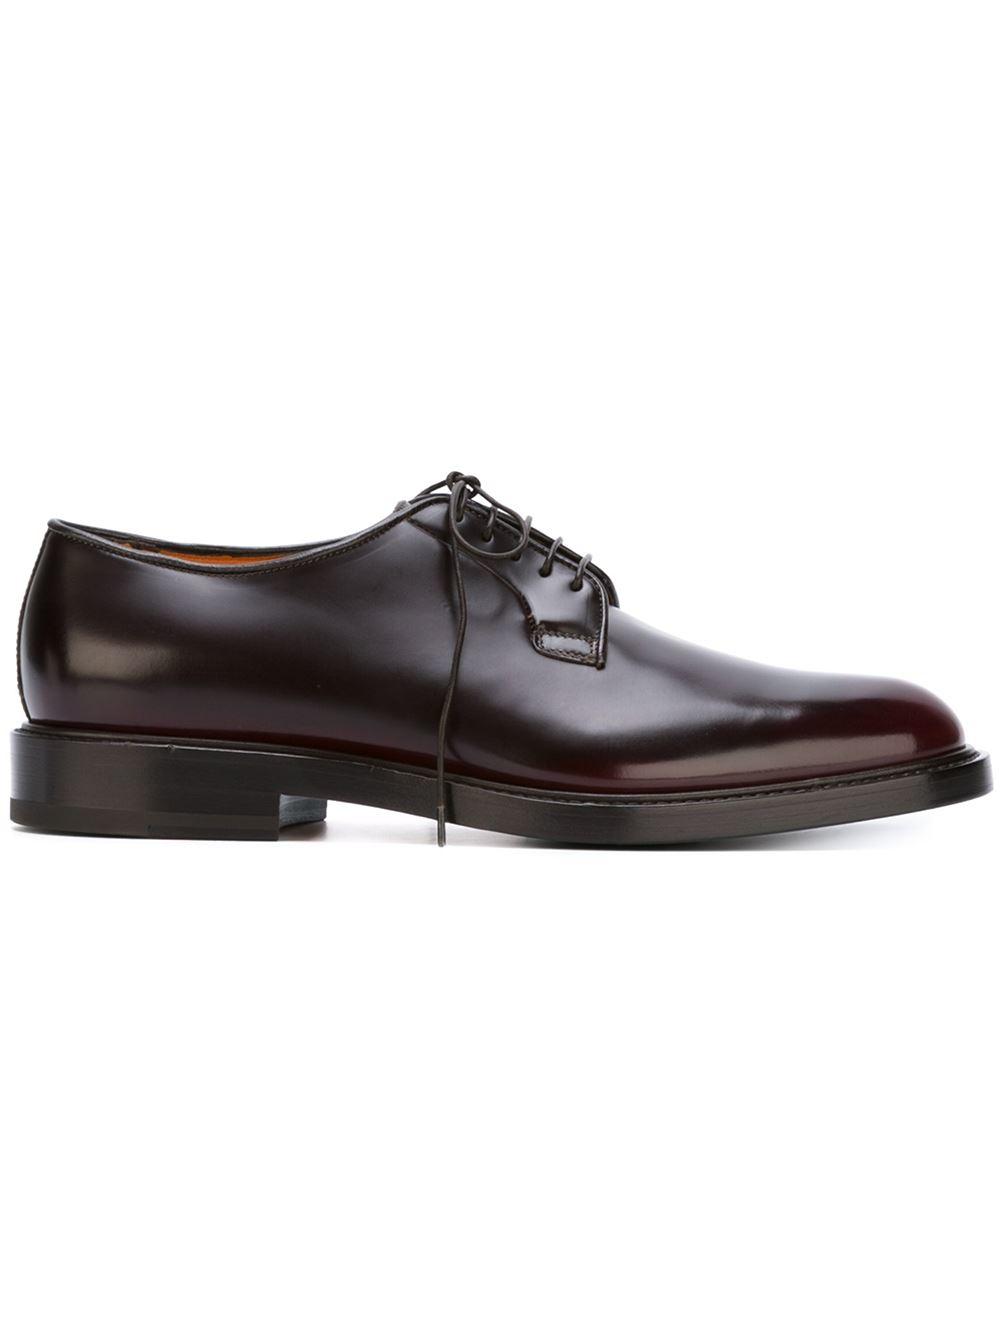 Ktz Shoes Sale